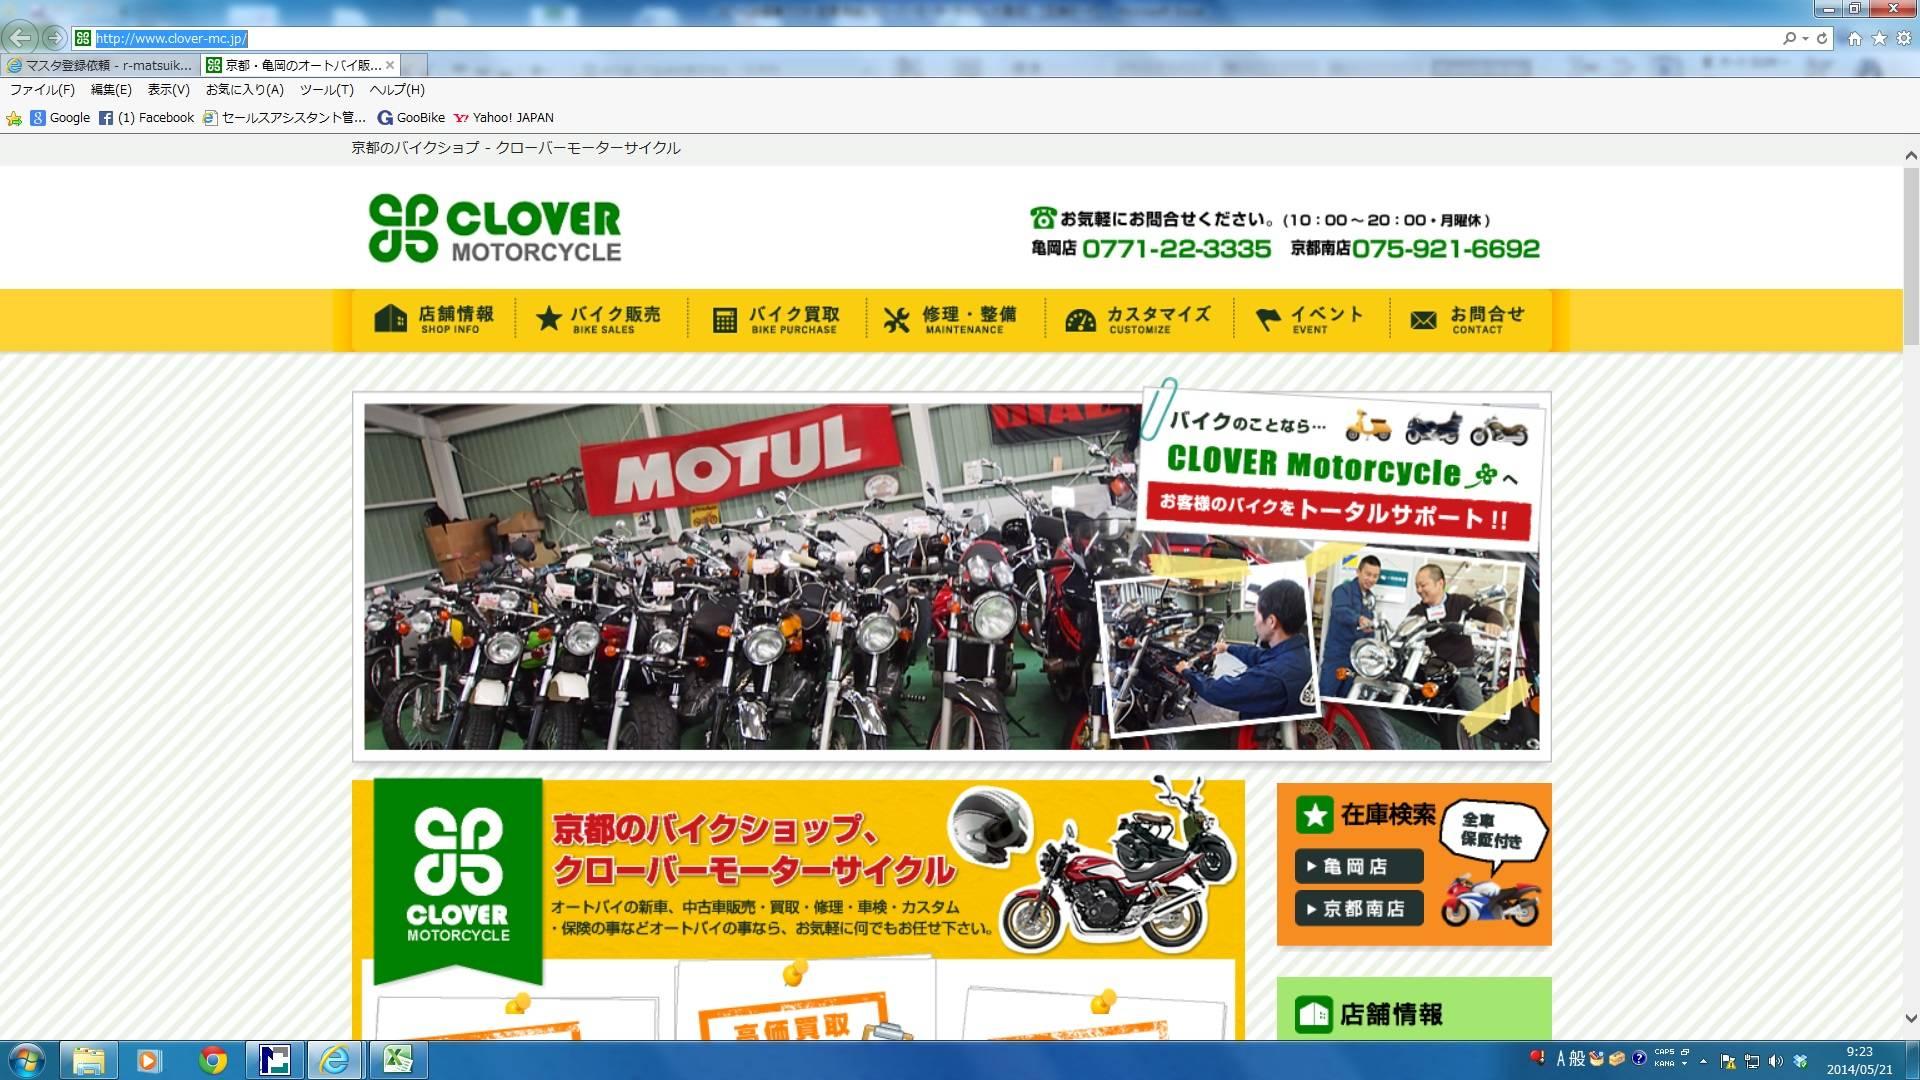 クローバーモーターサイクル太秦店